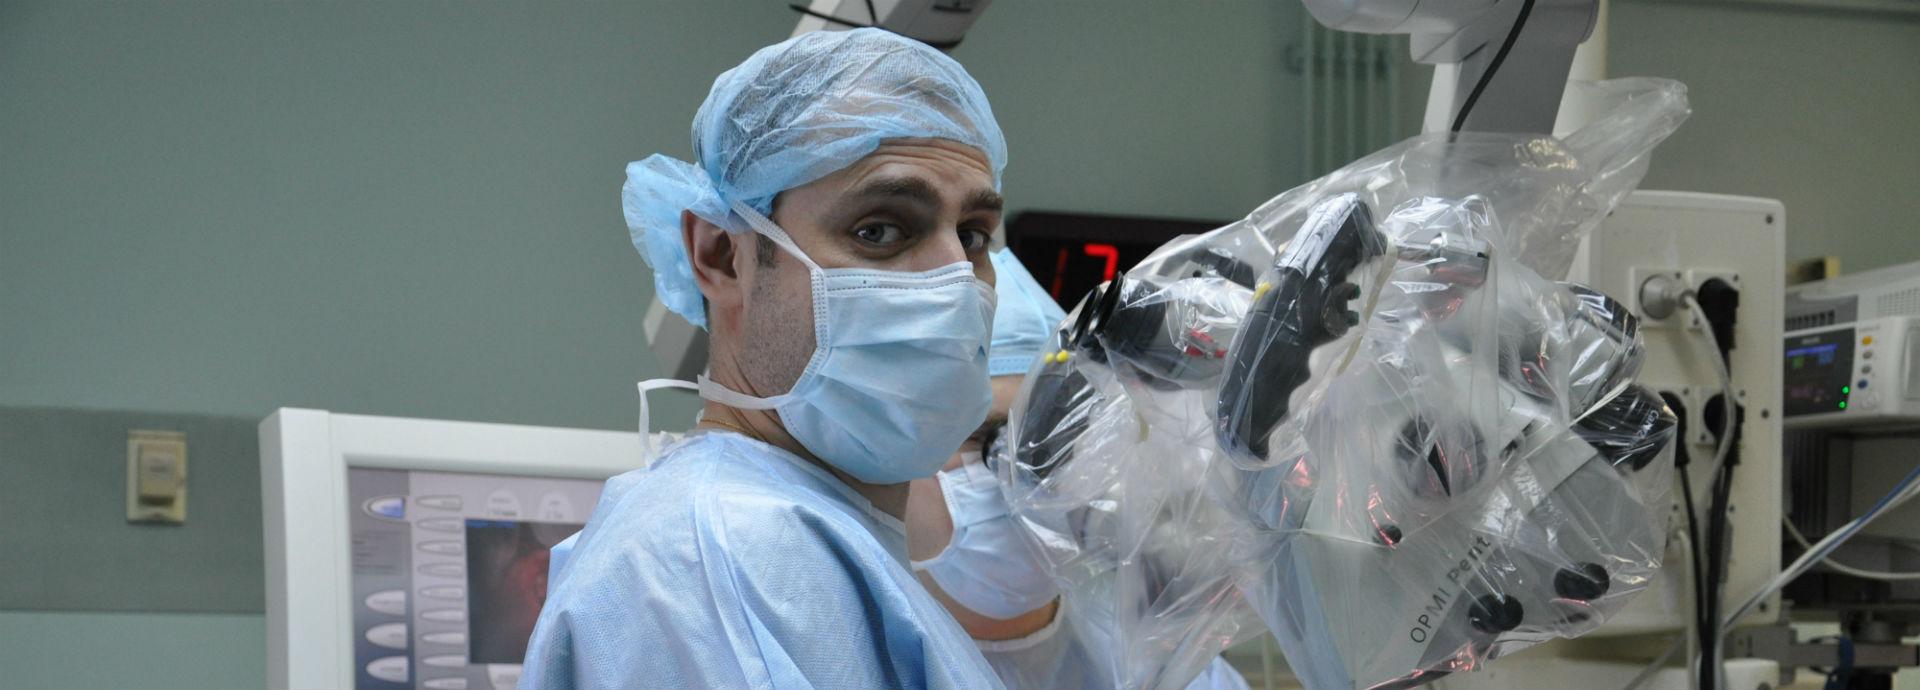 Врач нейрохирург